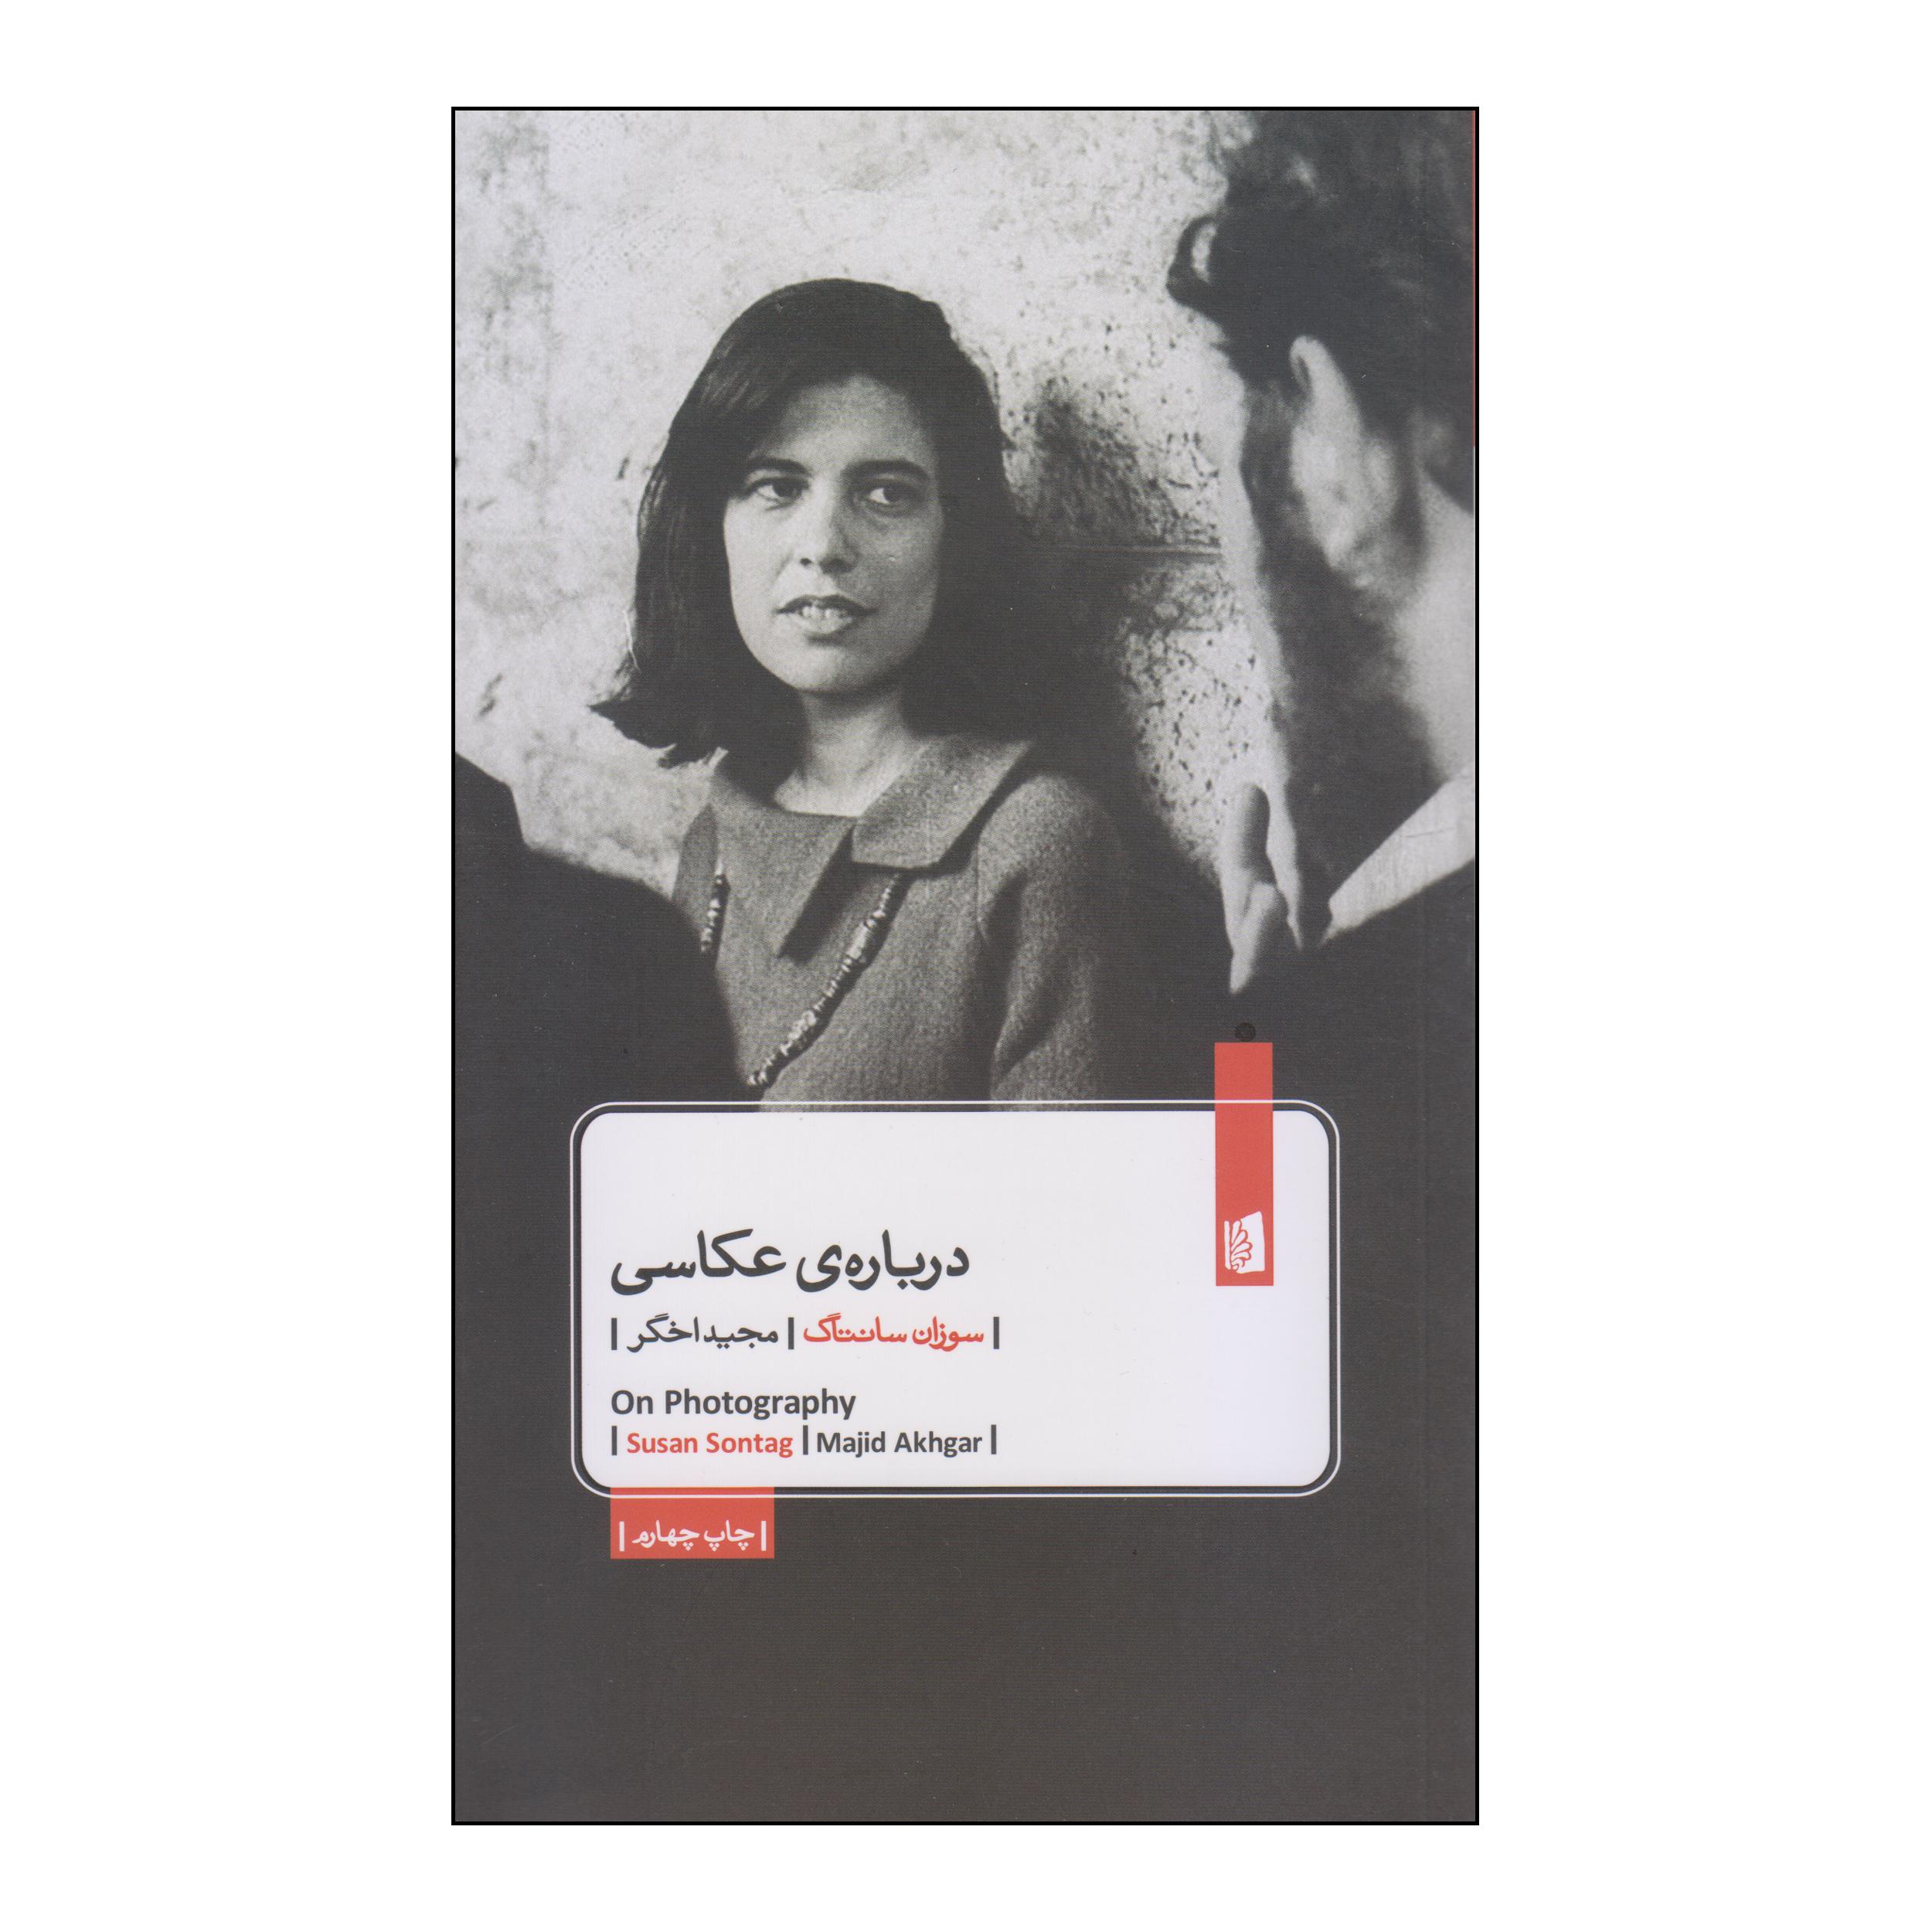 کتاب دربارهی عکاسی اثر سوزان سانتاگ نشر بیدگل